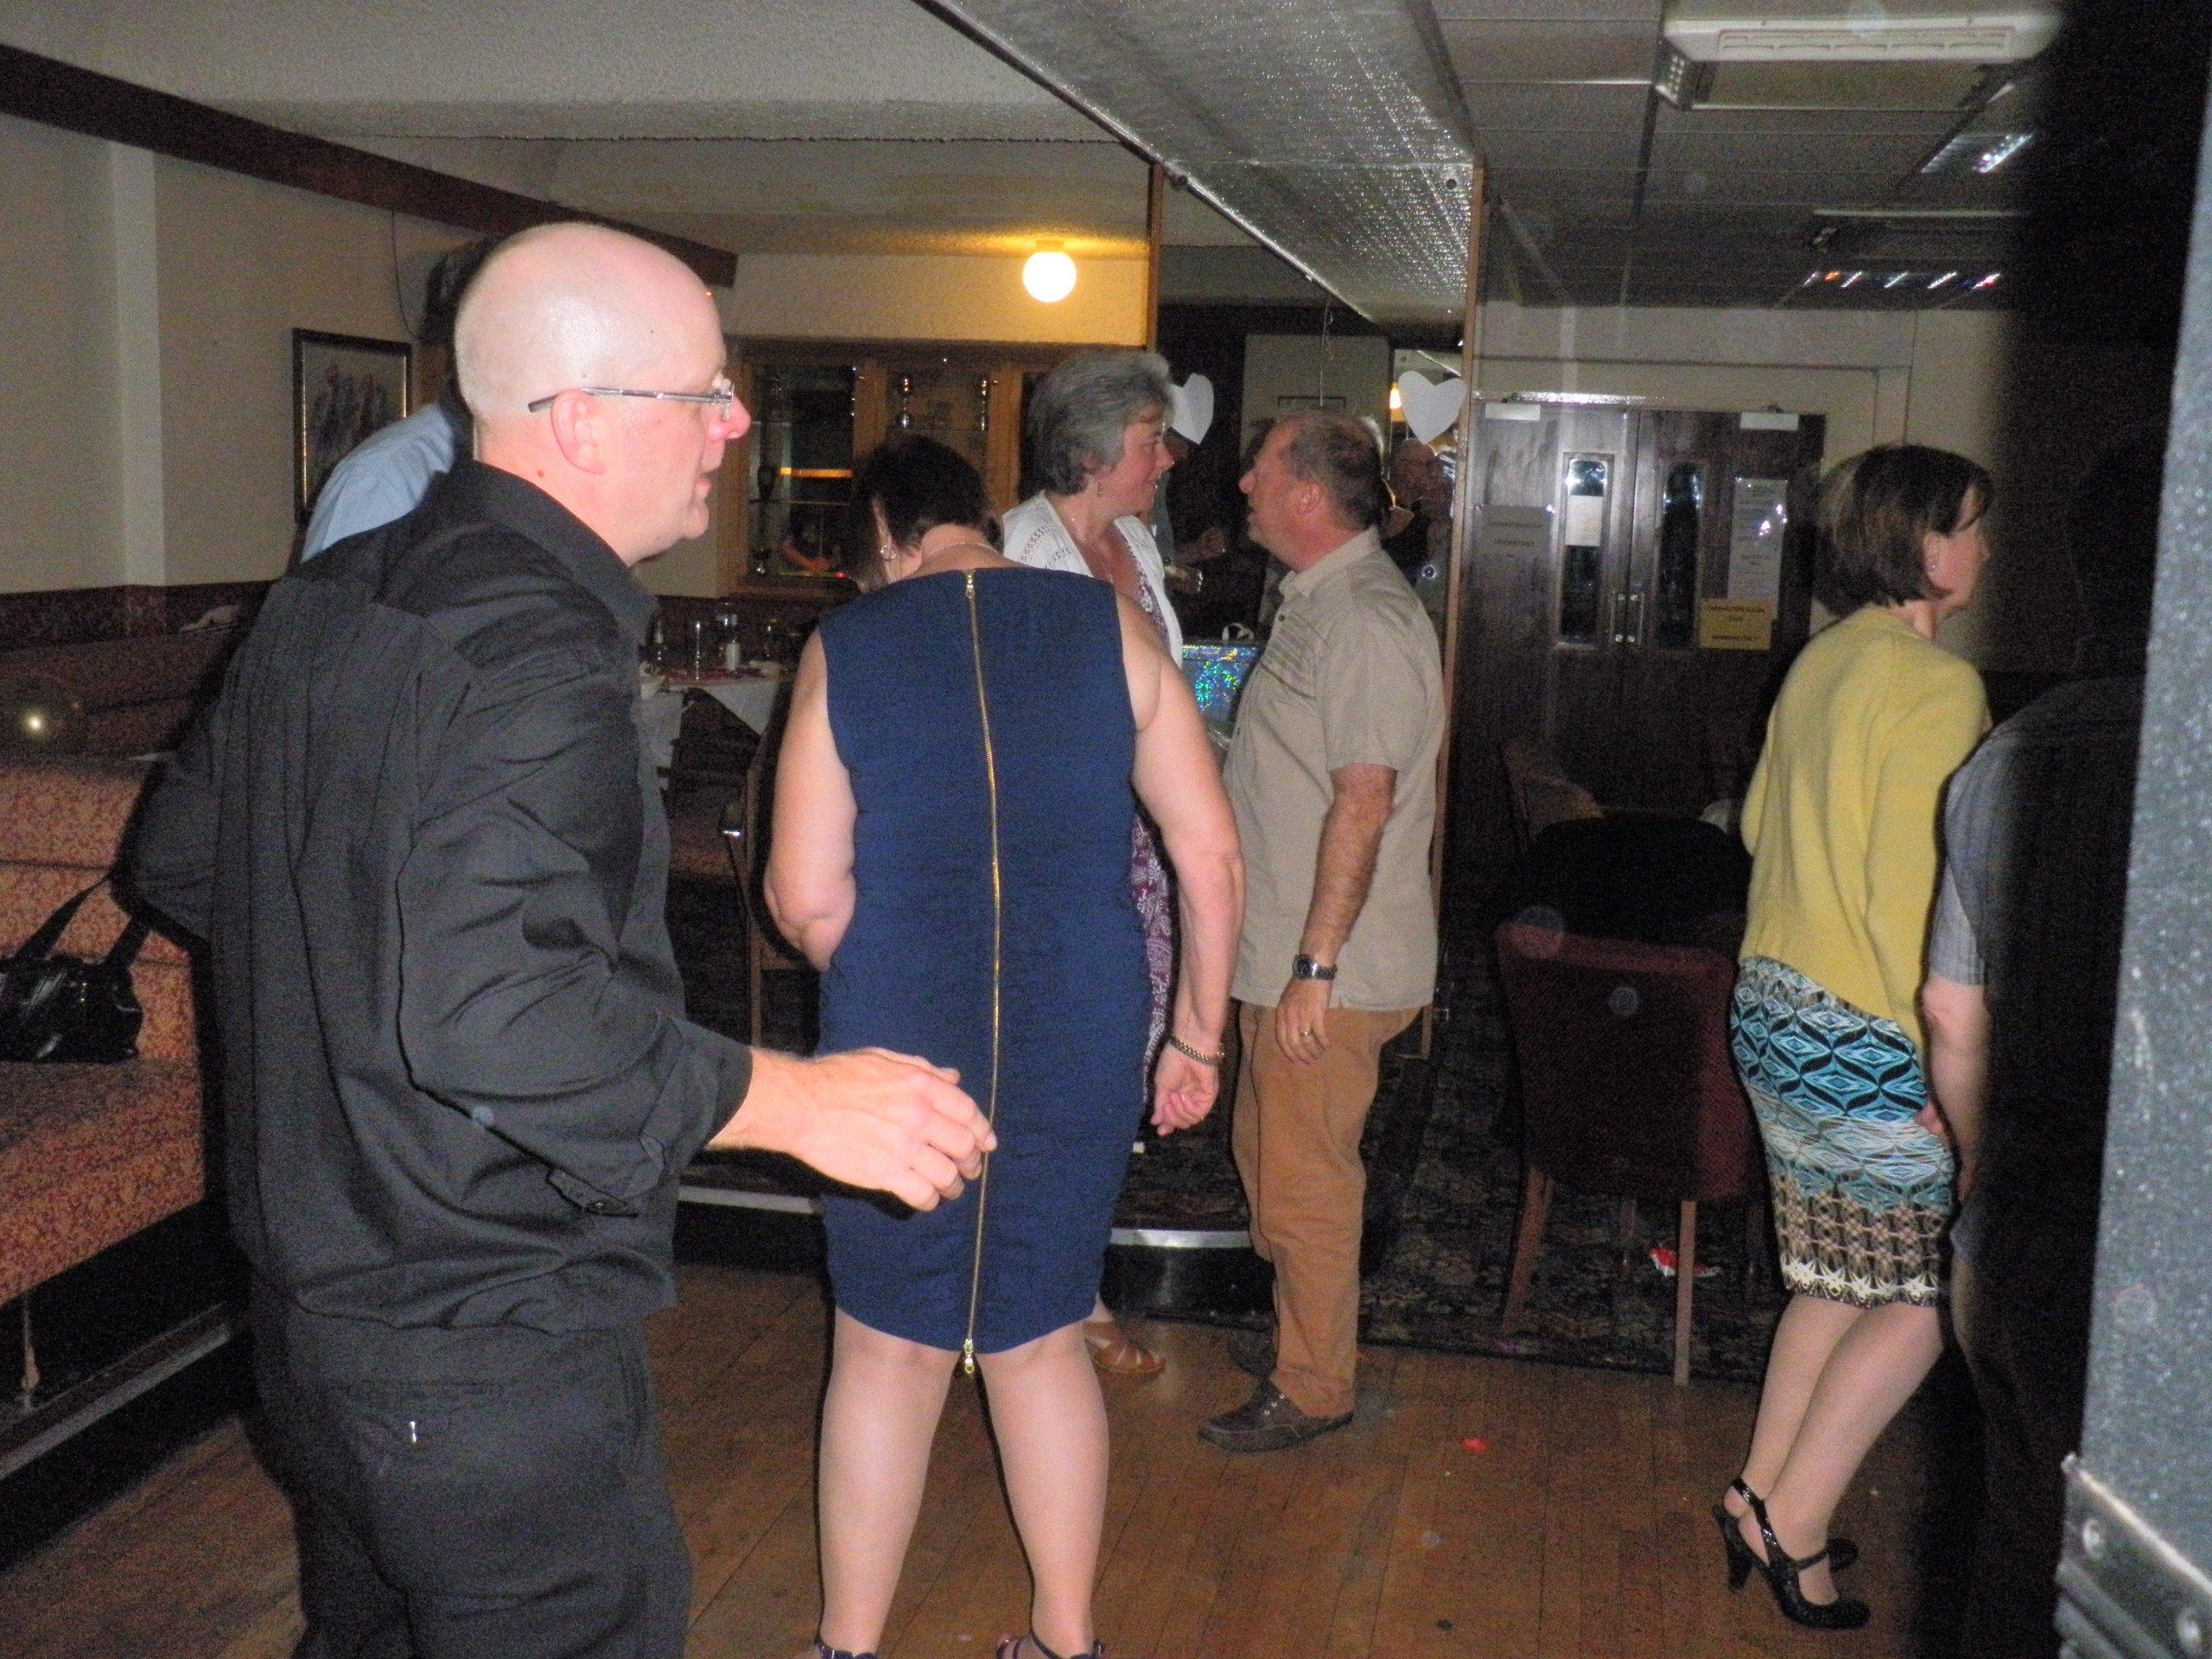 dance evening participants